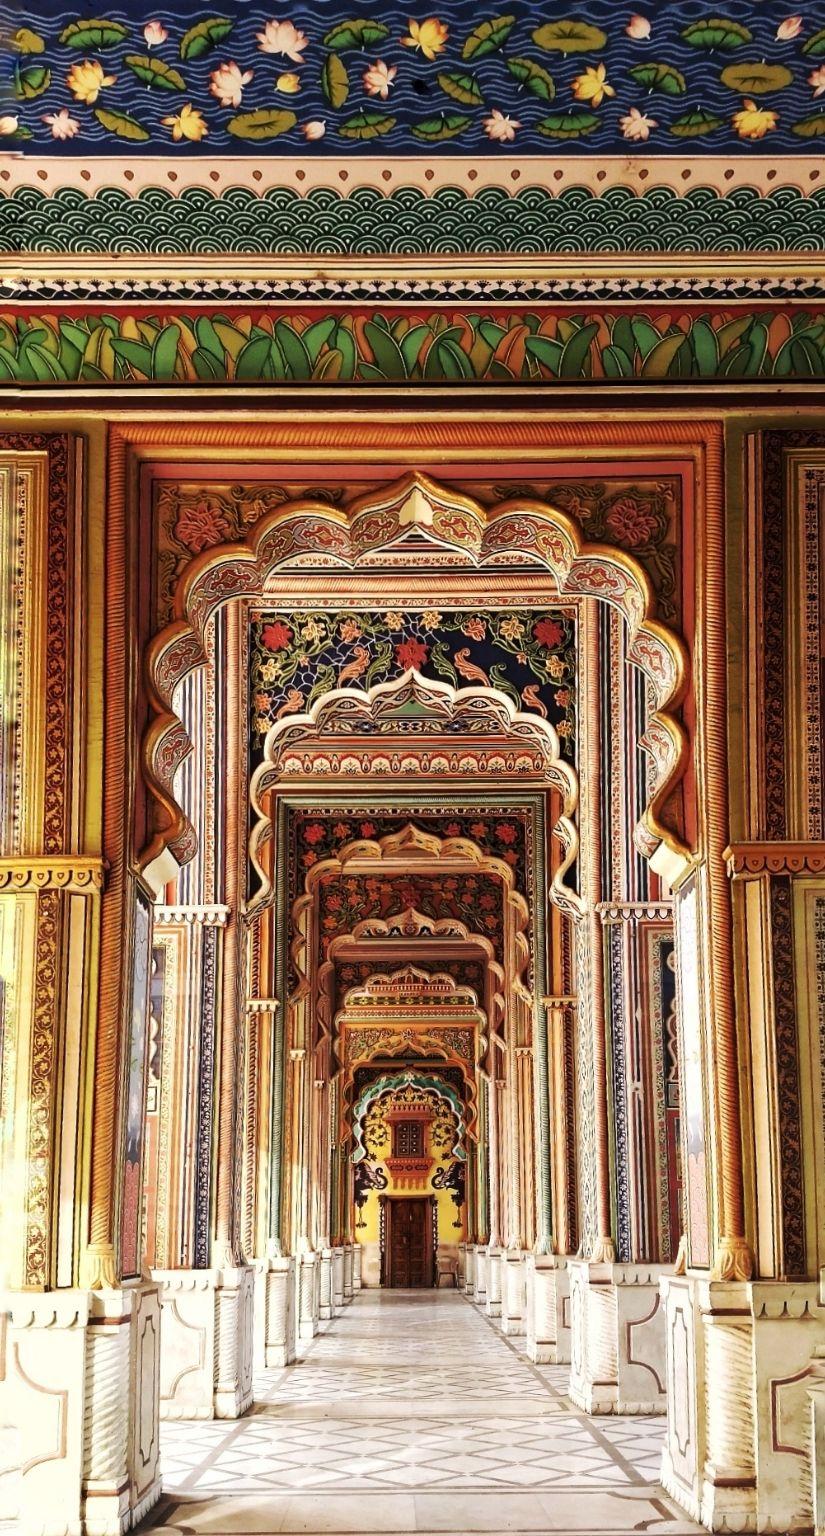 Photo of Patrika Gate By Bharat Sharma